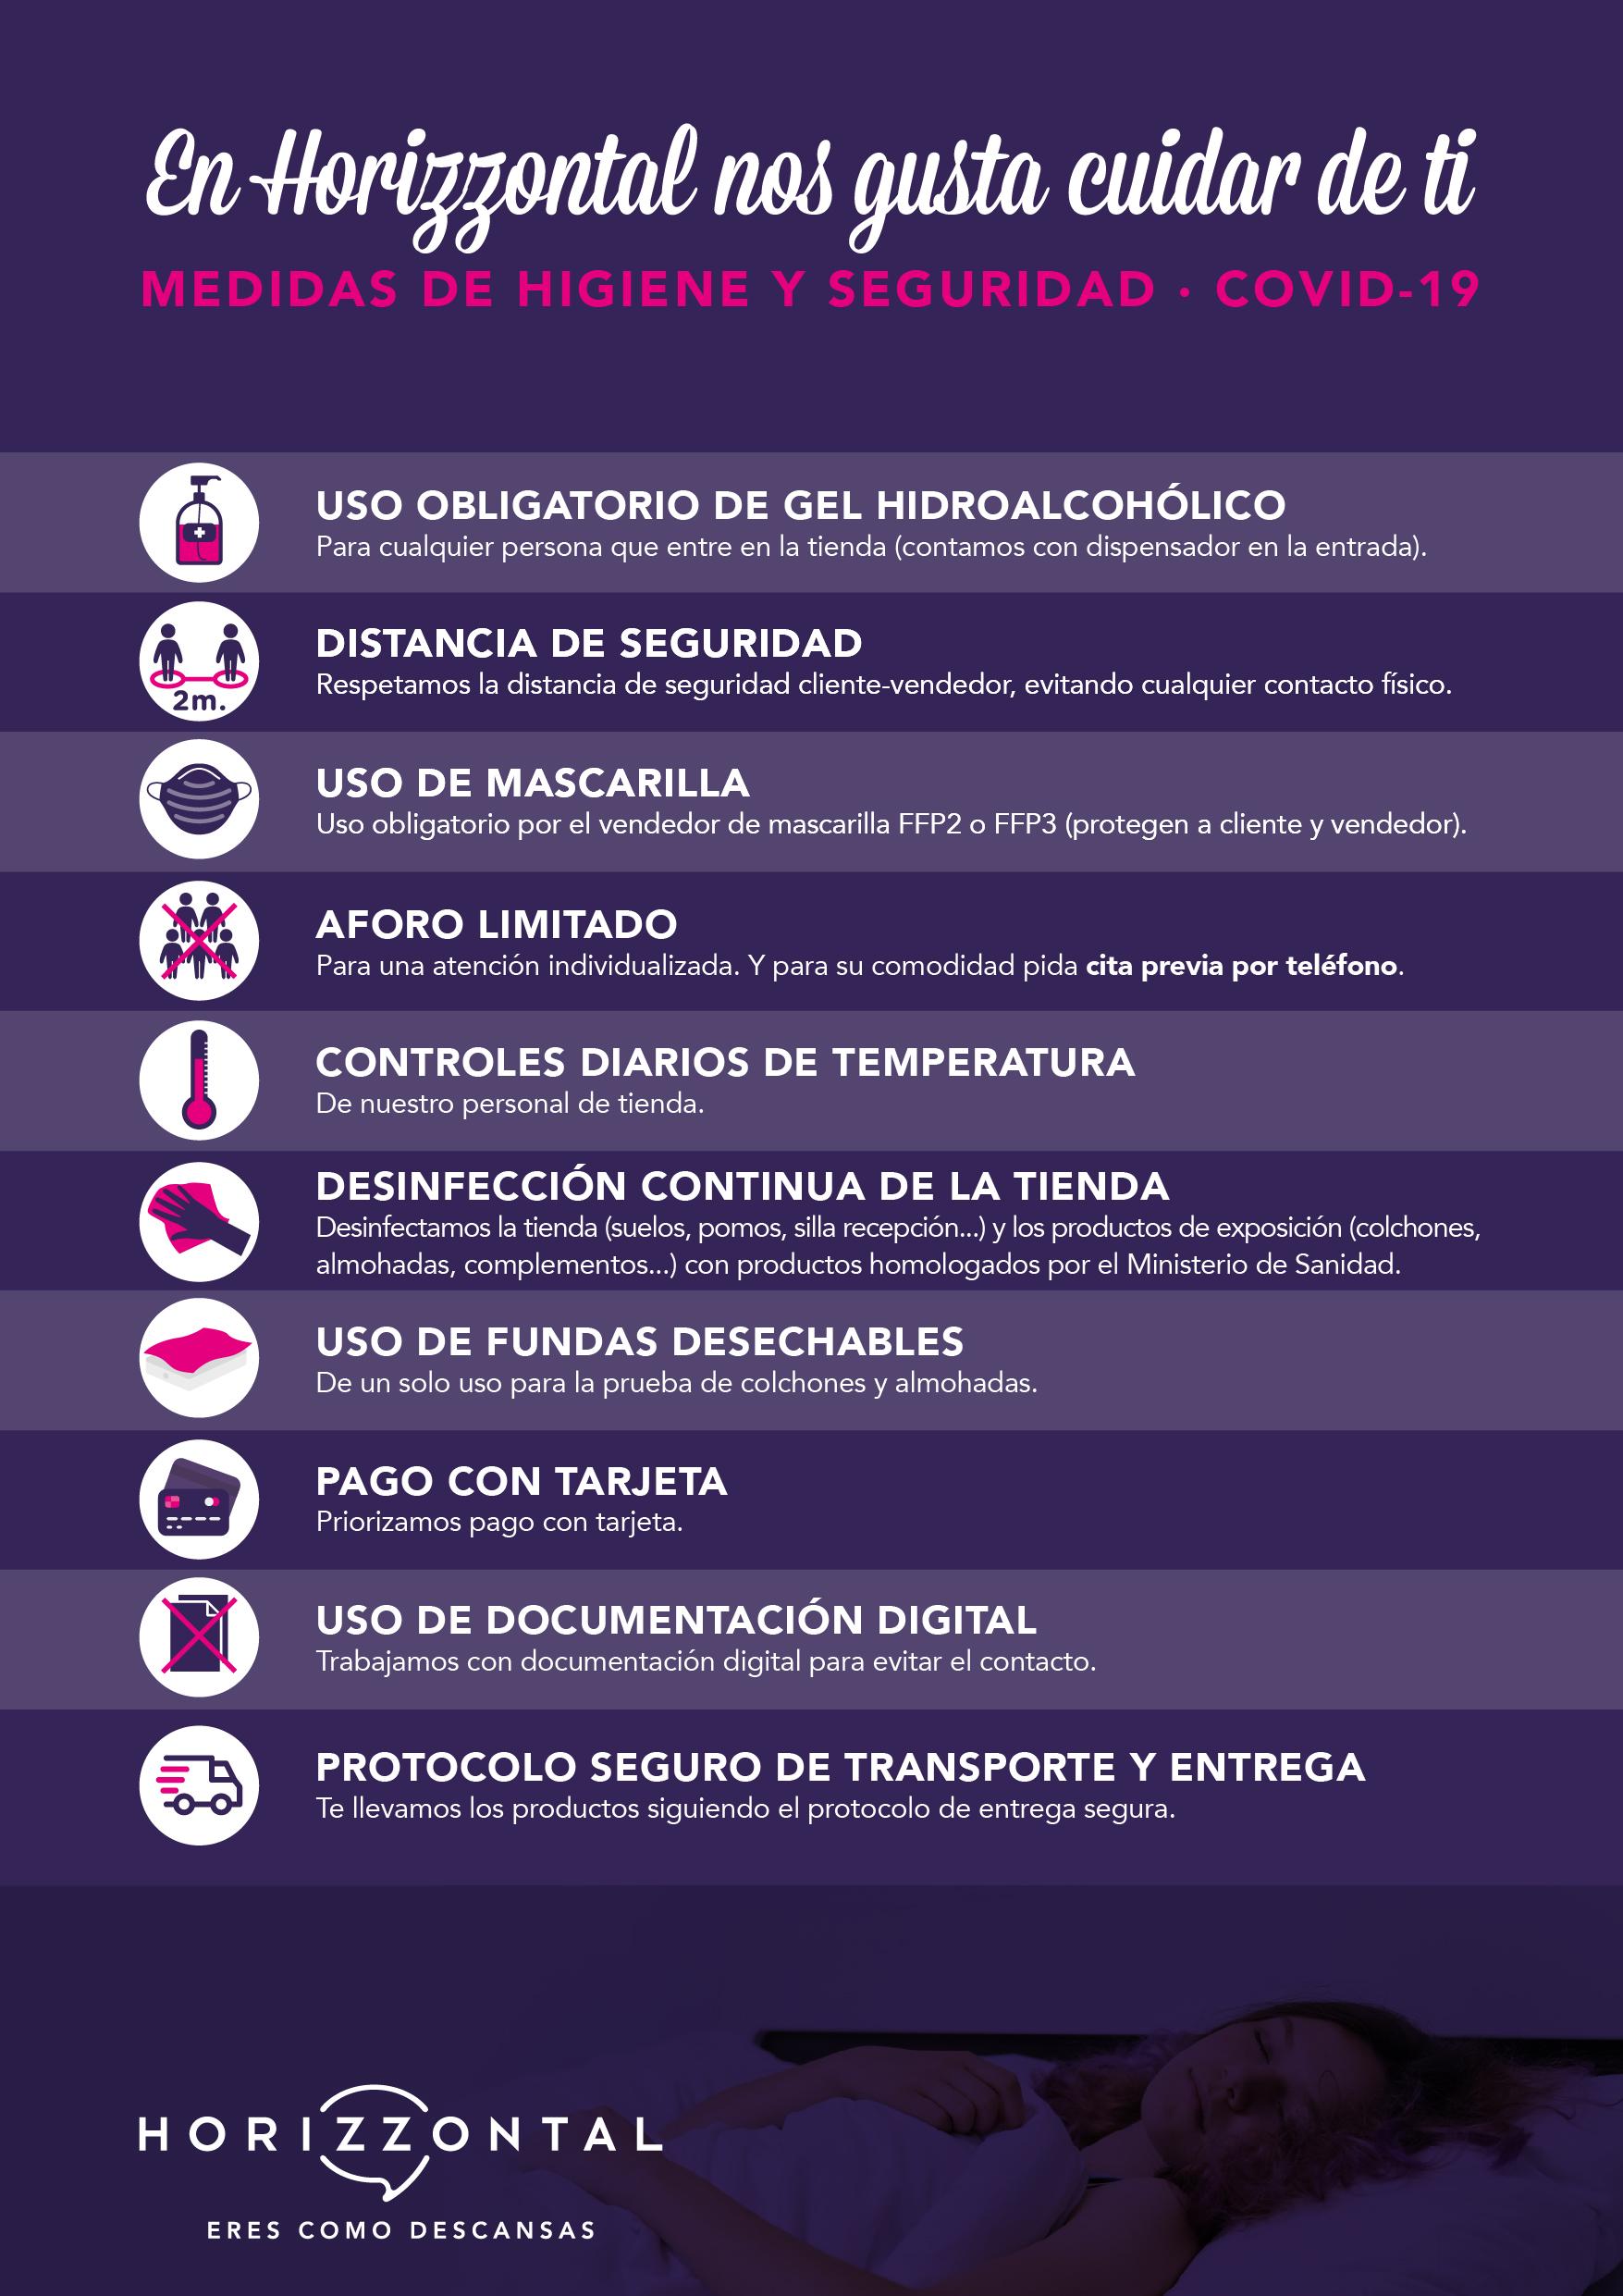 Medidas preventivas Horizzontal